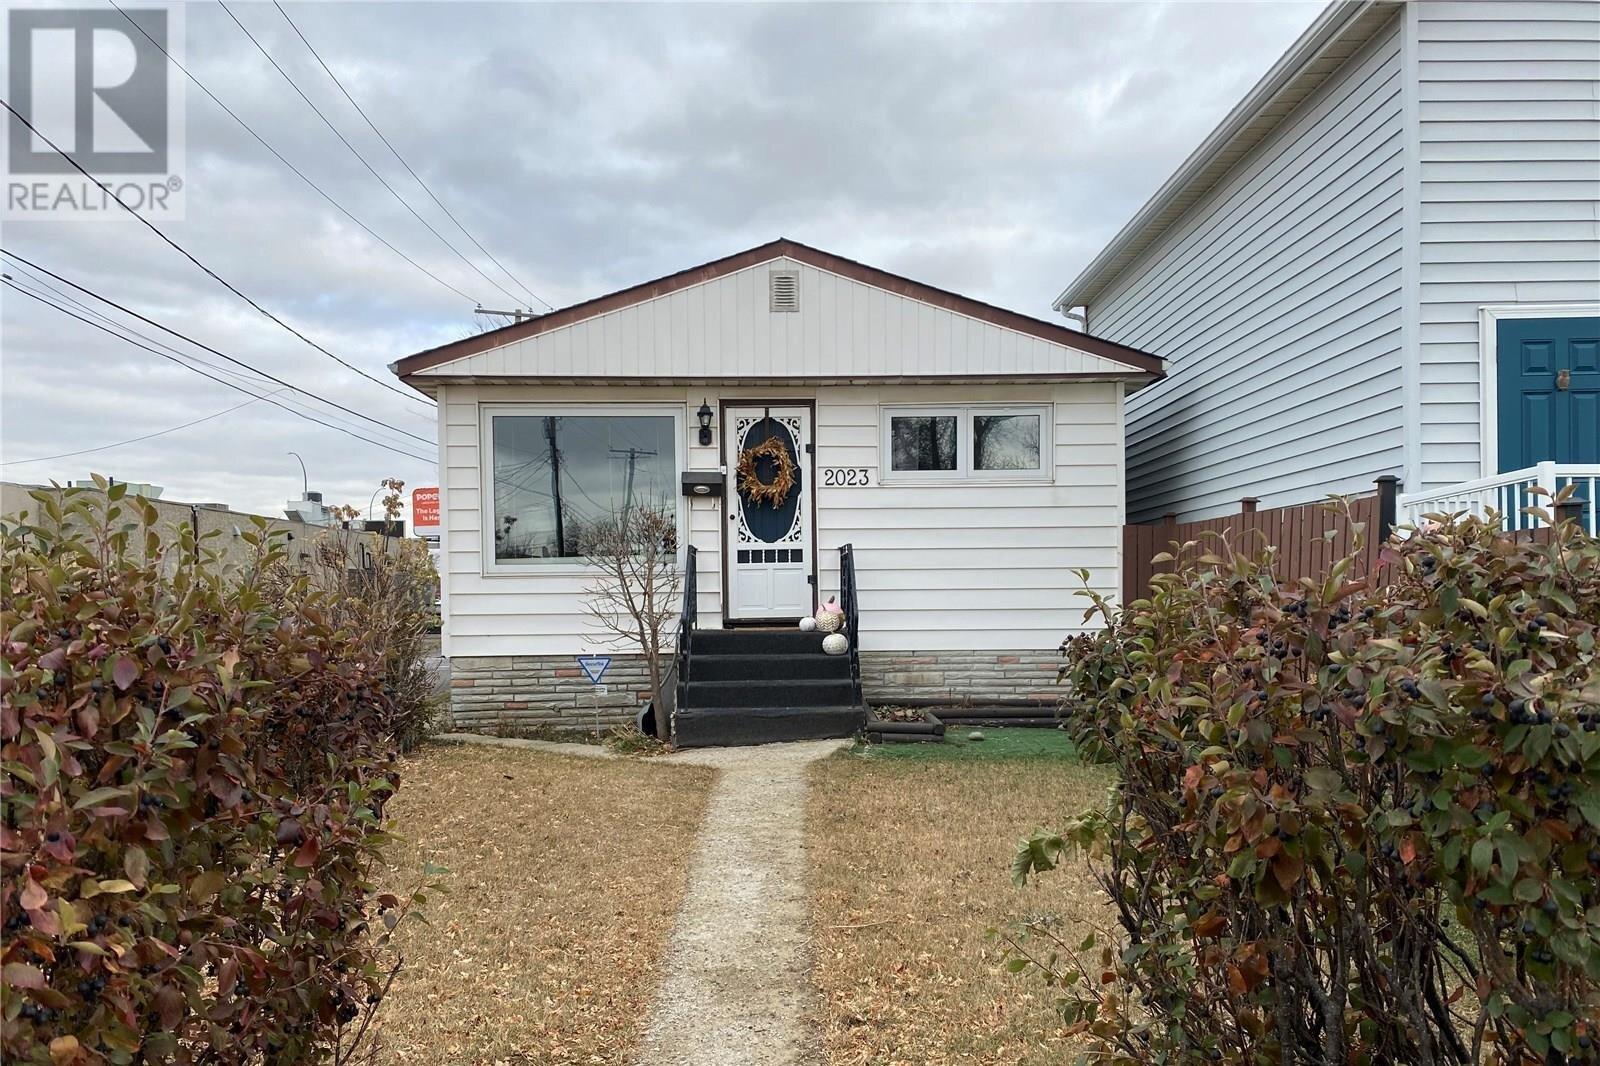 House for sale at 2023 Lindsay St Regina Saskatchewan - MLS: SK831511